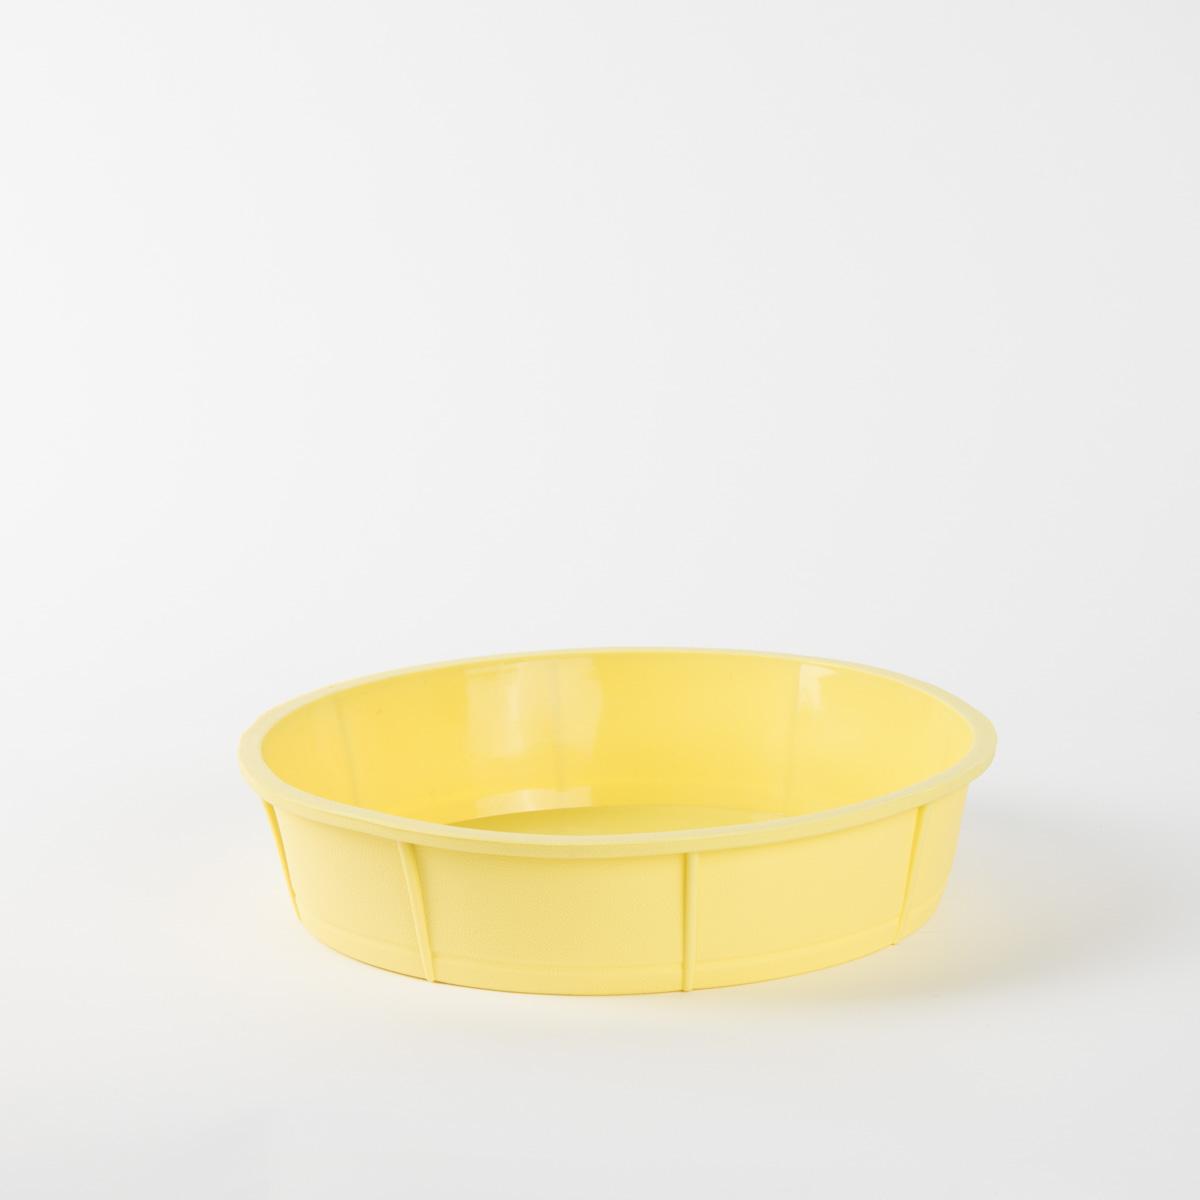 Kuchenform Tortenform Silikon 6x27cm Geschenkeria